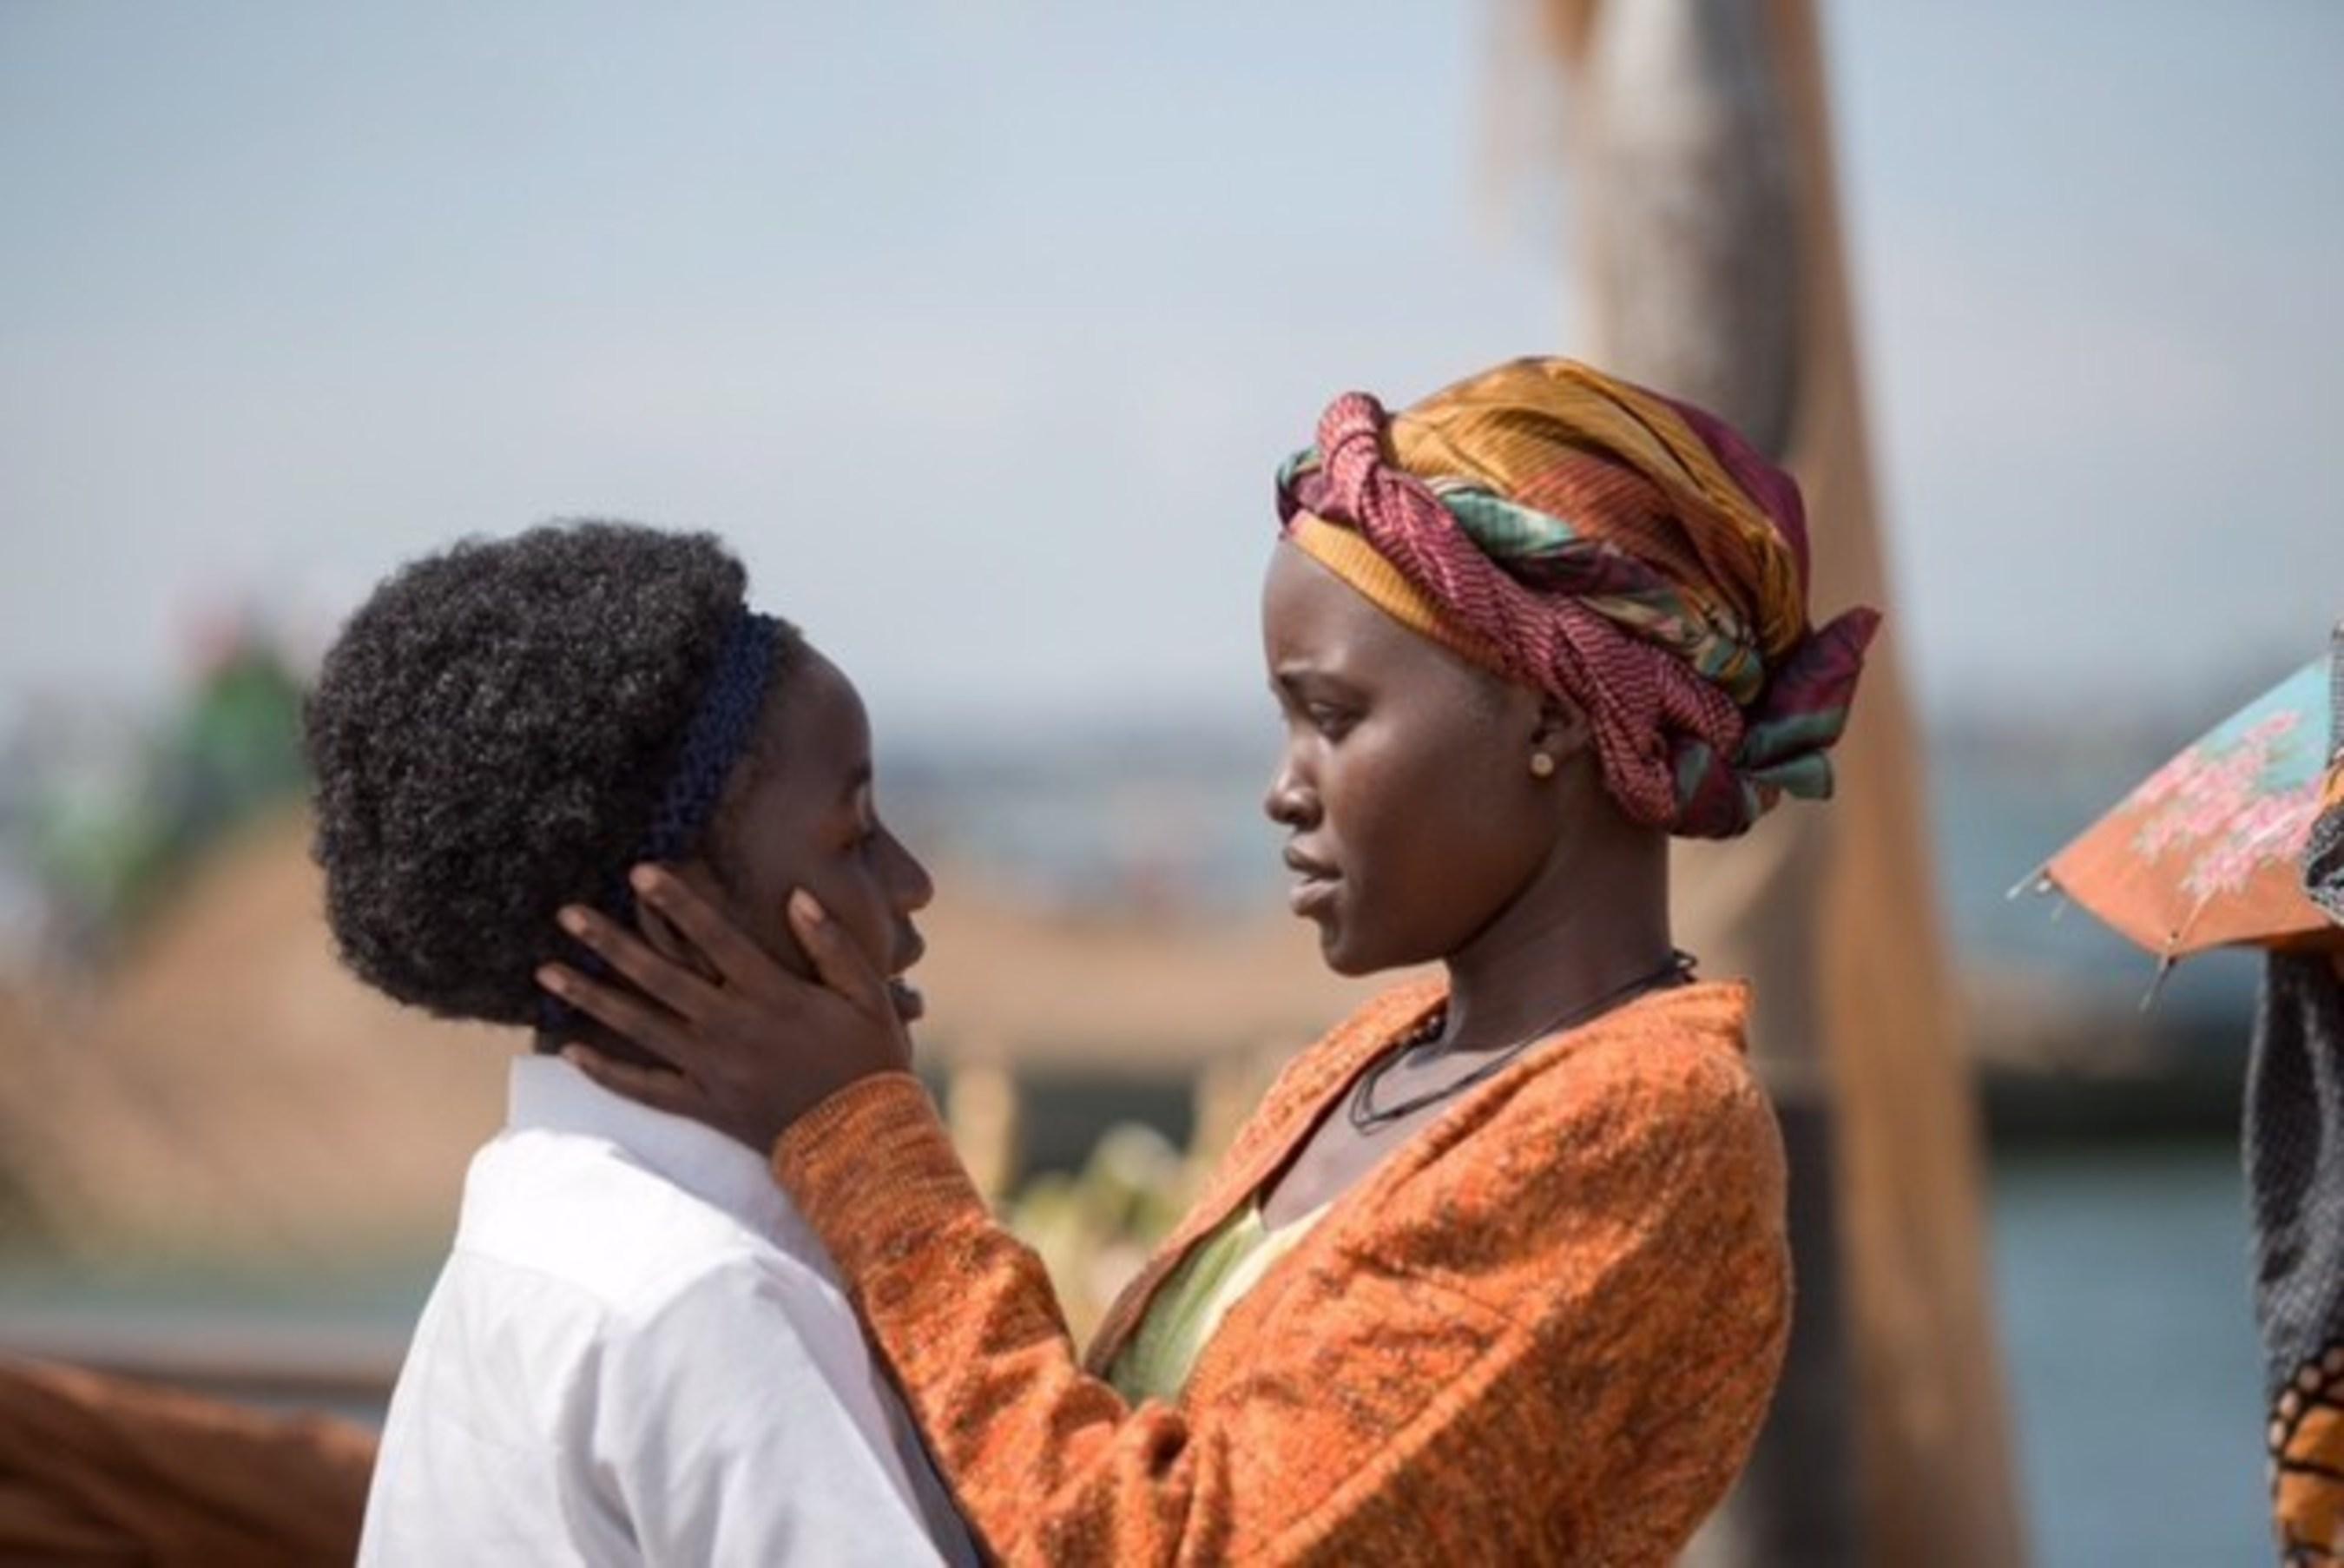 The Urbanworld' Film Festival Presented By REVOLT With Founding Sponsor HBO Announces 2016 Festival Slate